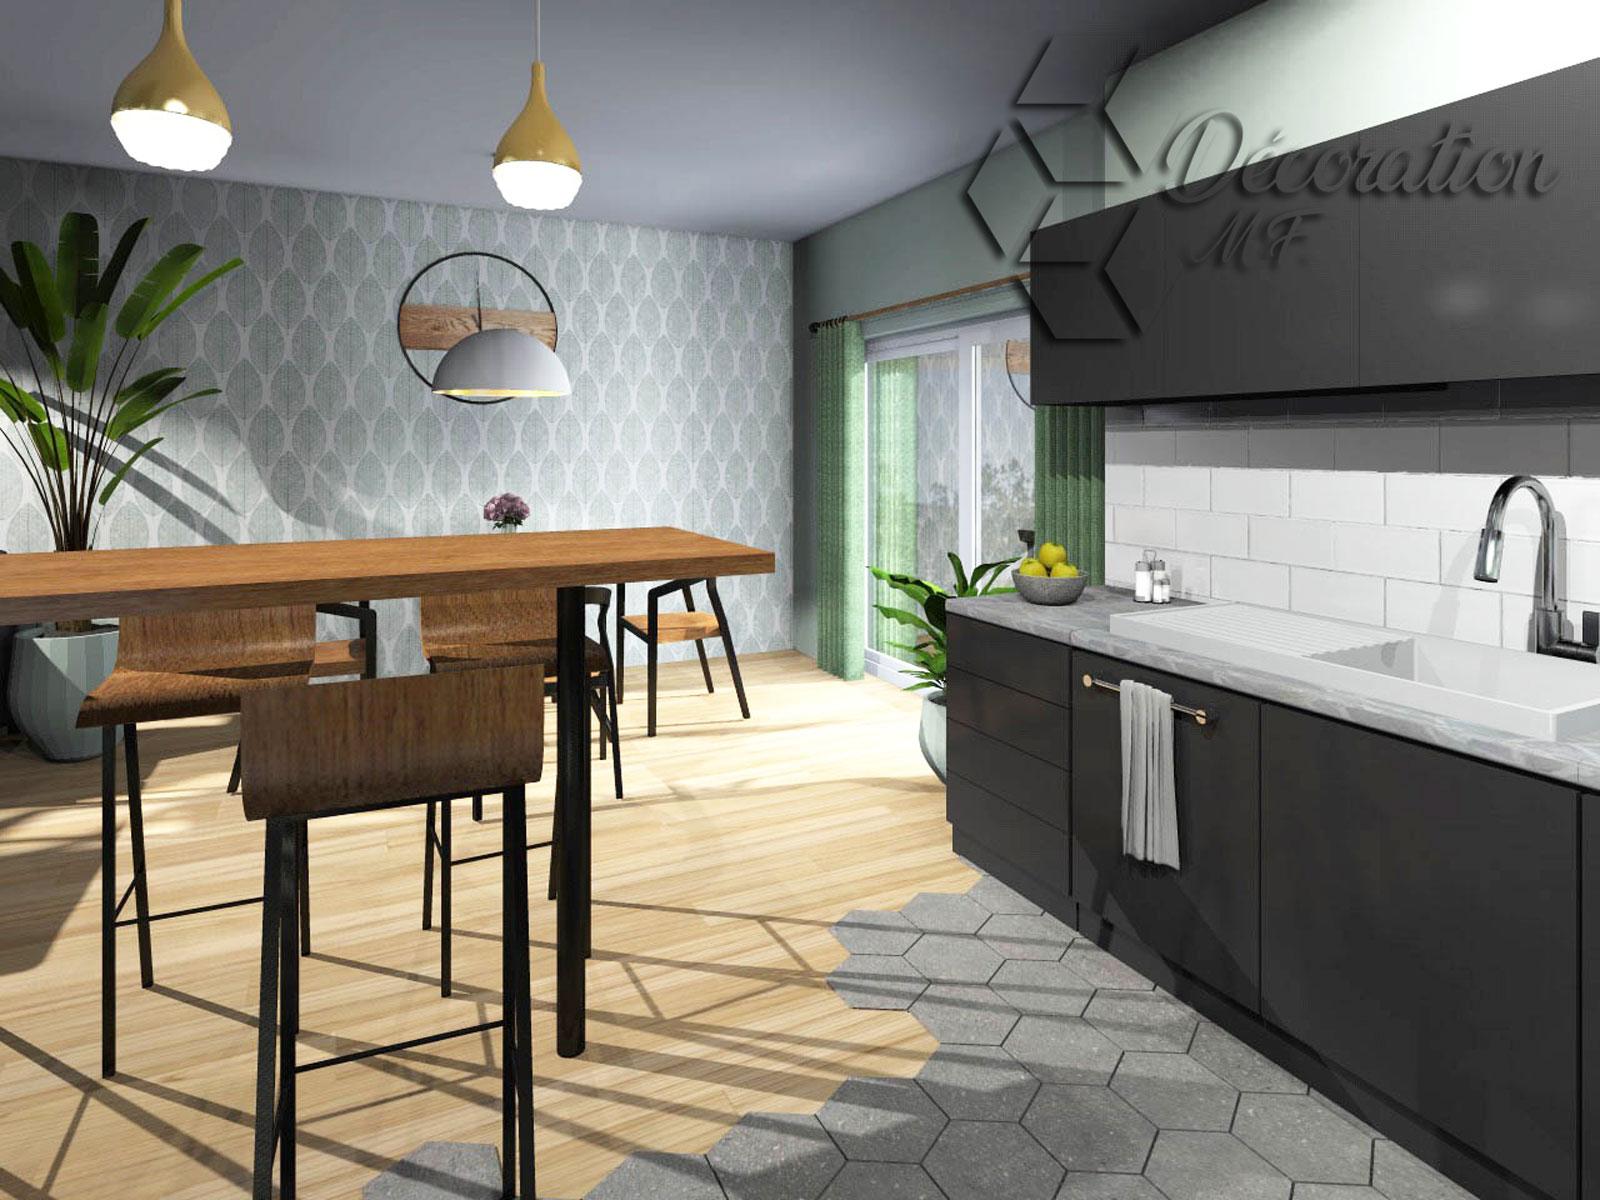 Salon-cuisine-vue-4-fini